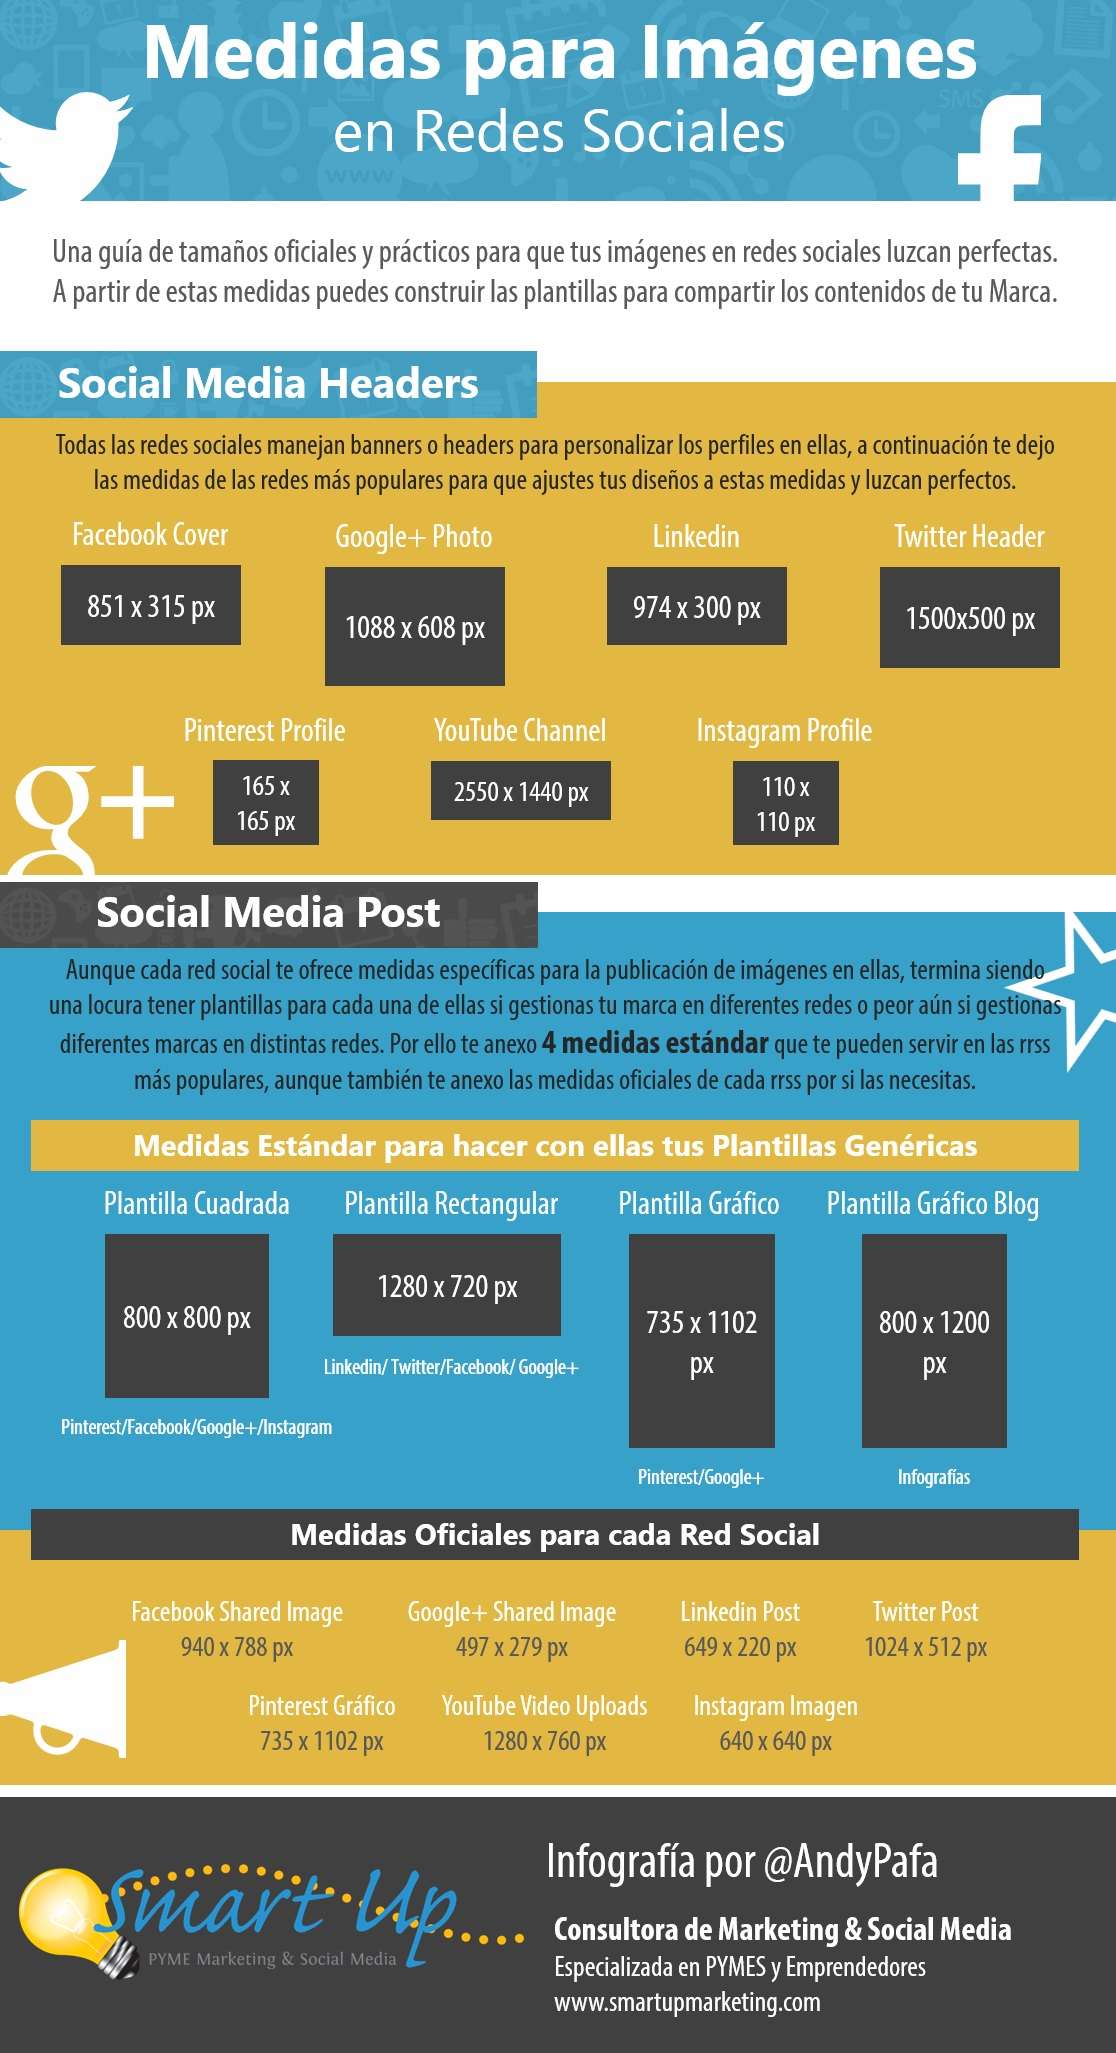 Medidas de Imágenes para tus Redes Sociales - Marketing PYME